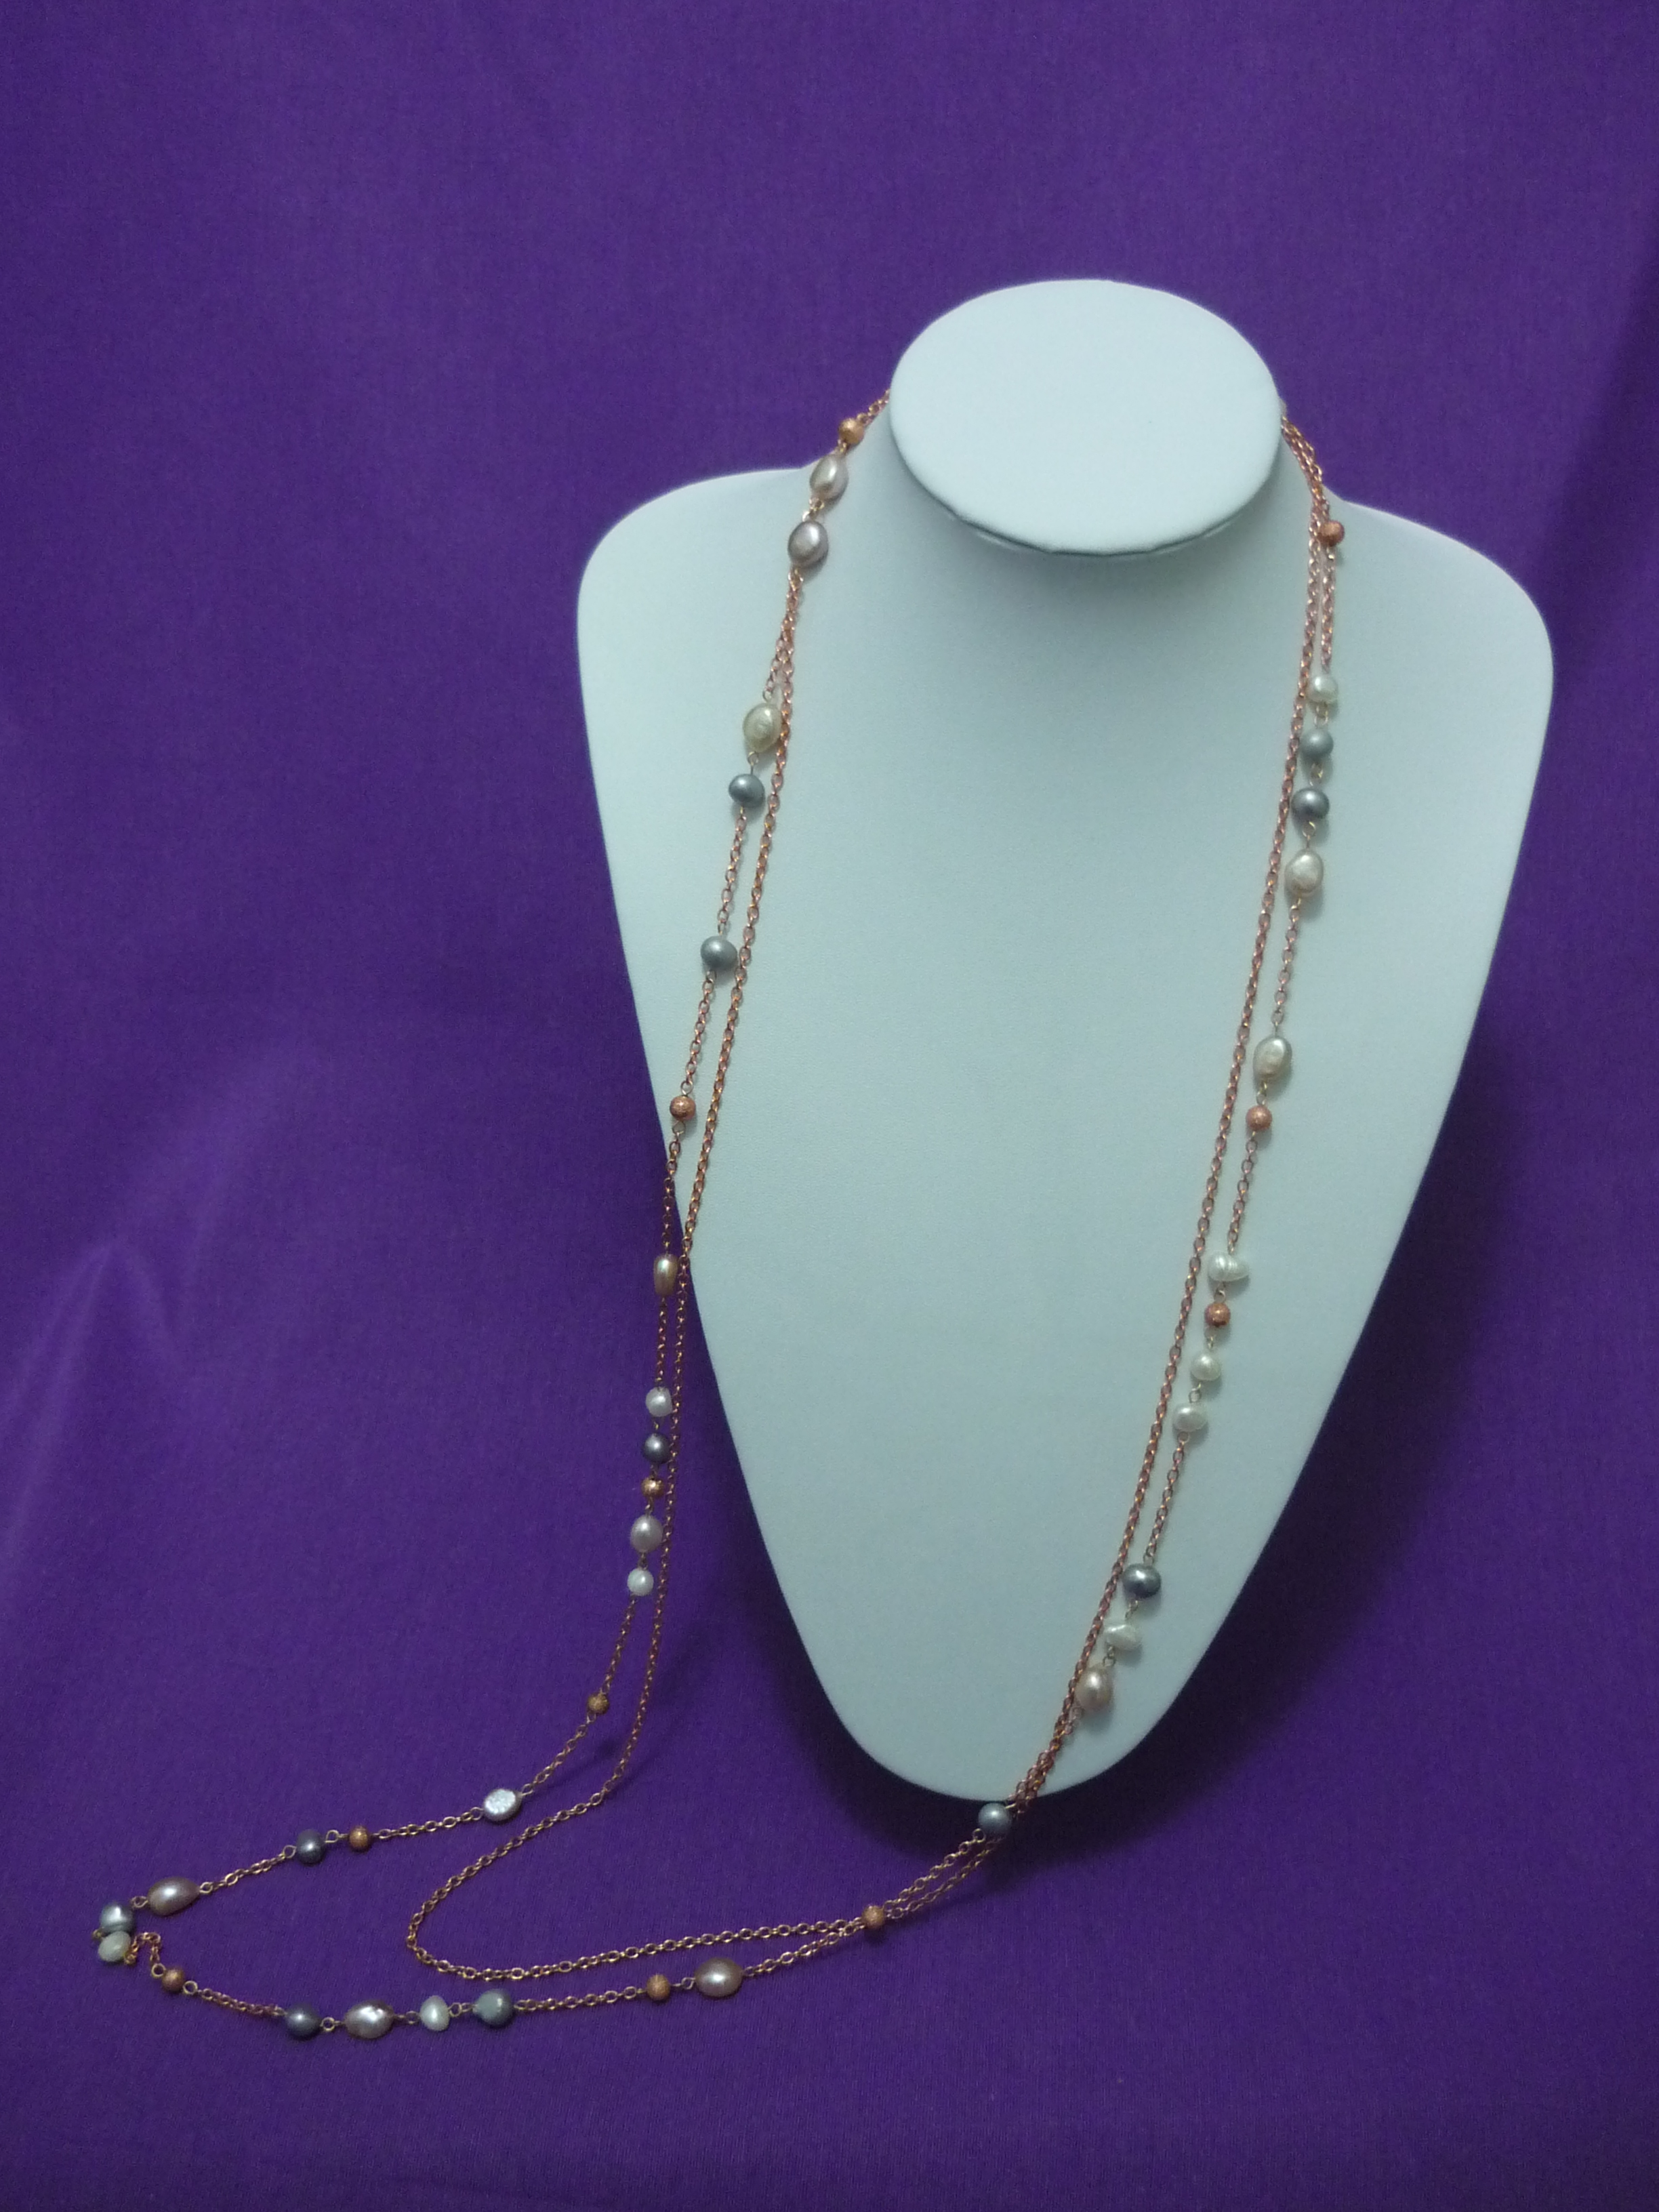 El destacado de esta semana es un collar largo perteneciente a la colección Soft Lady. La sencillez de su diseño, la deliciosa combinación de colores (perla